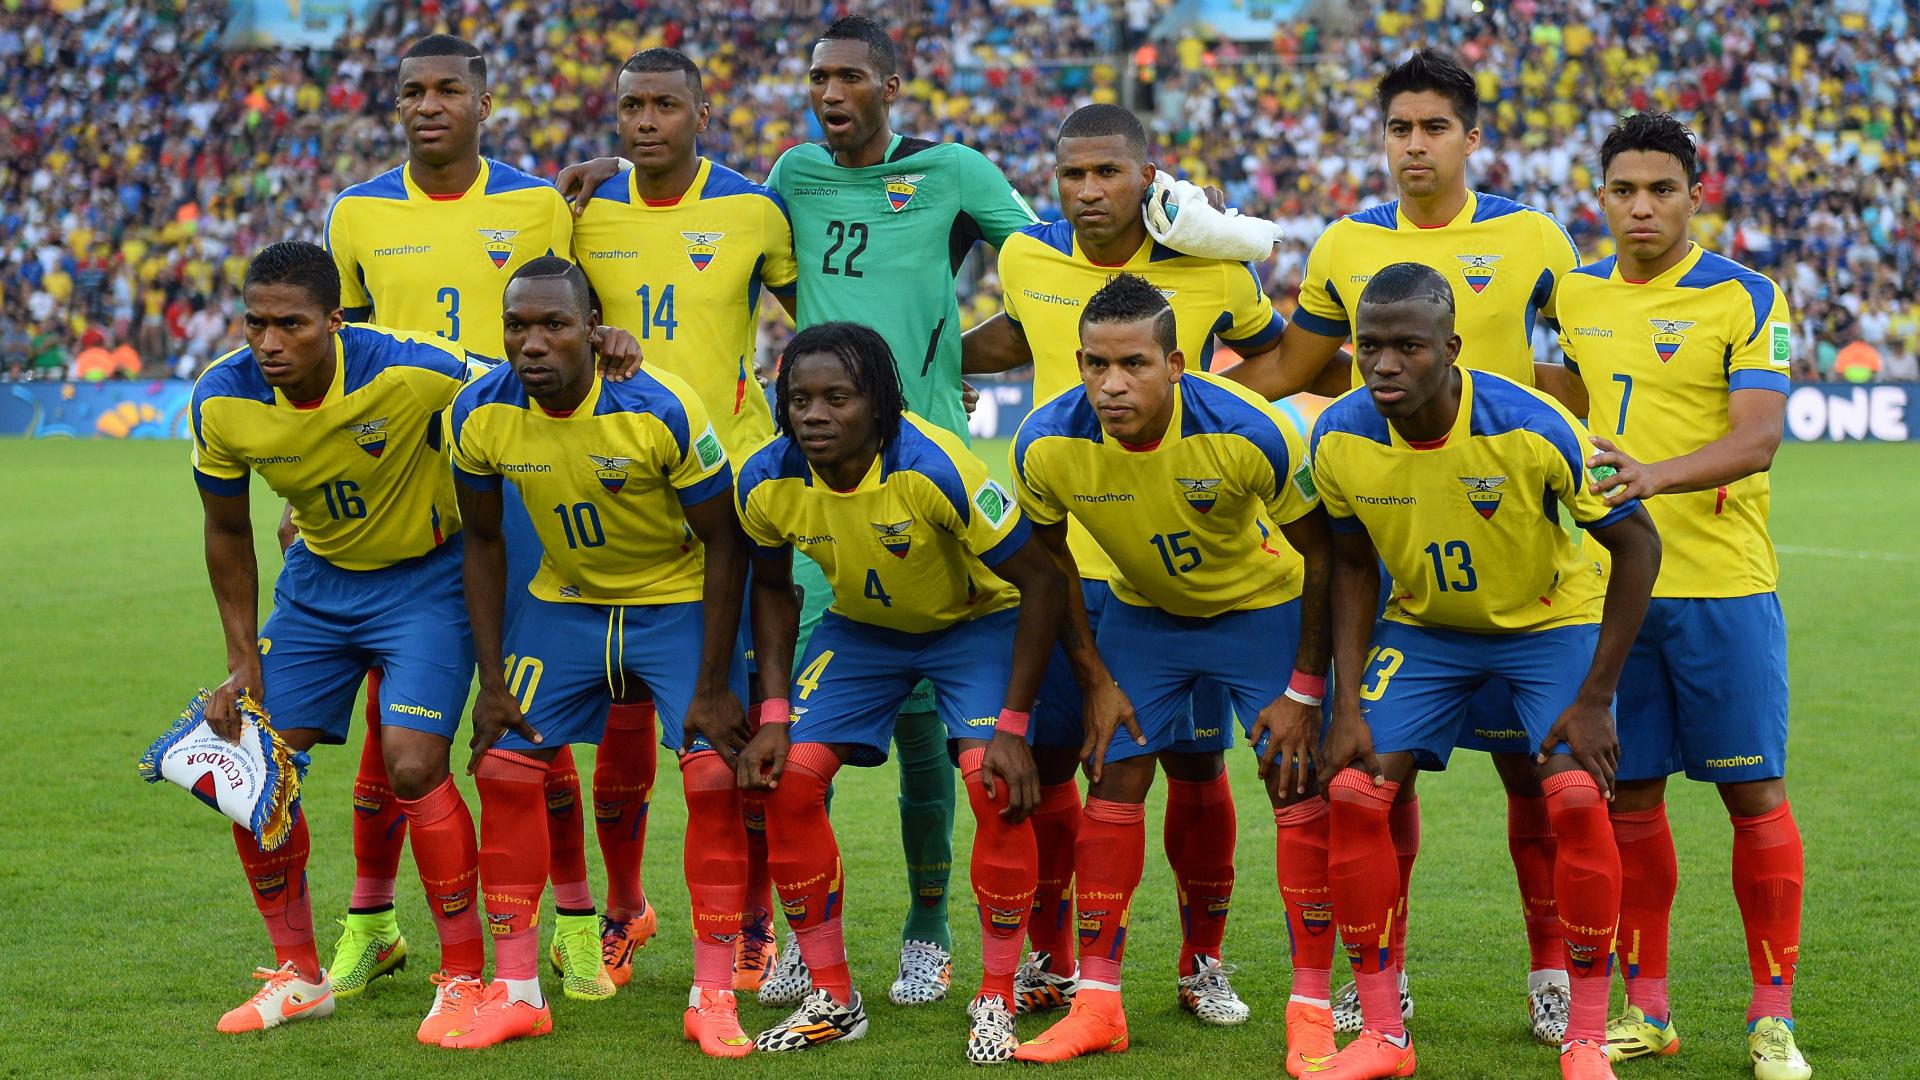 Эквадор - Франция: прогноз и ставки на матч ЧМ 2014 по футболу